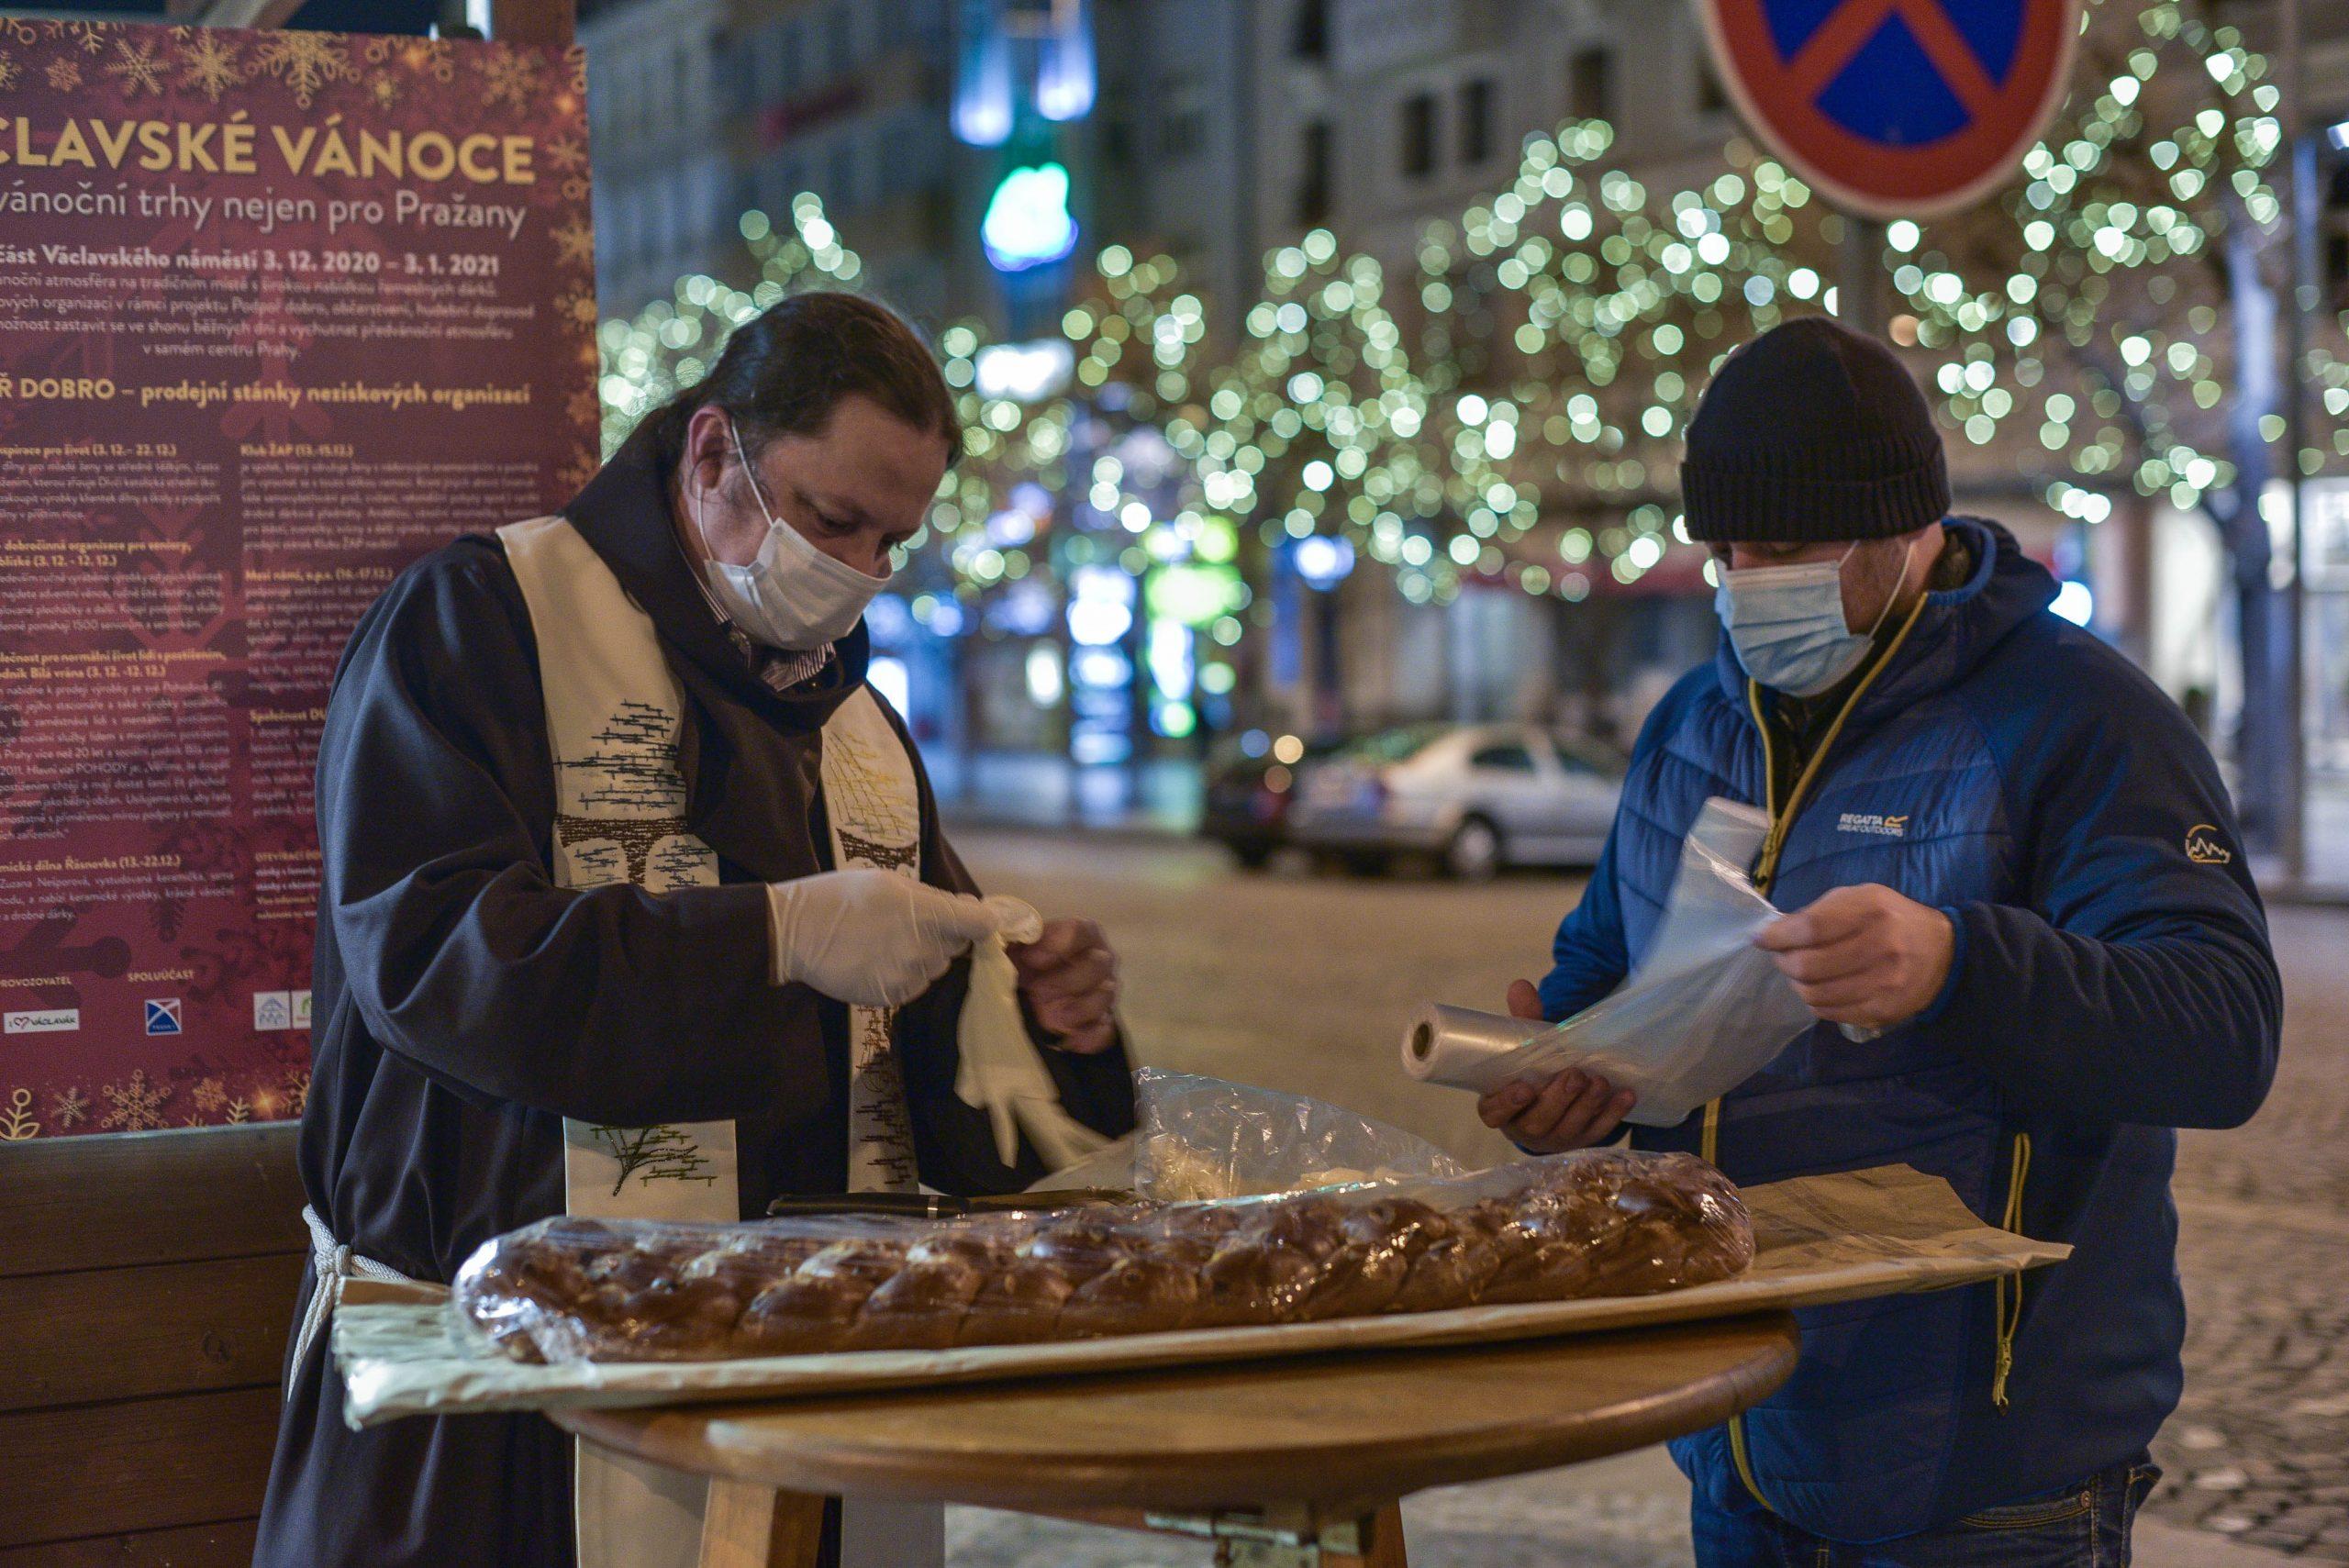 Vánoční bohoslužba pod širým nebem. Tradiční liturgie završila Štědrý večer na Václavském náměstí.